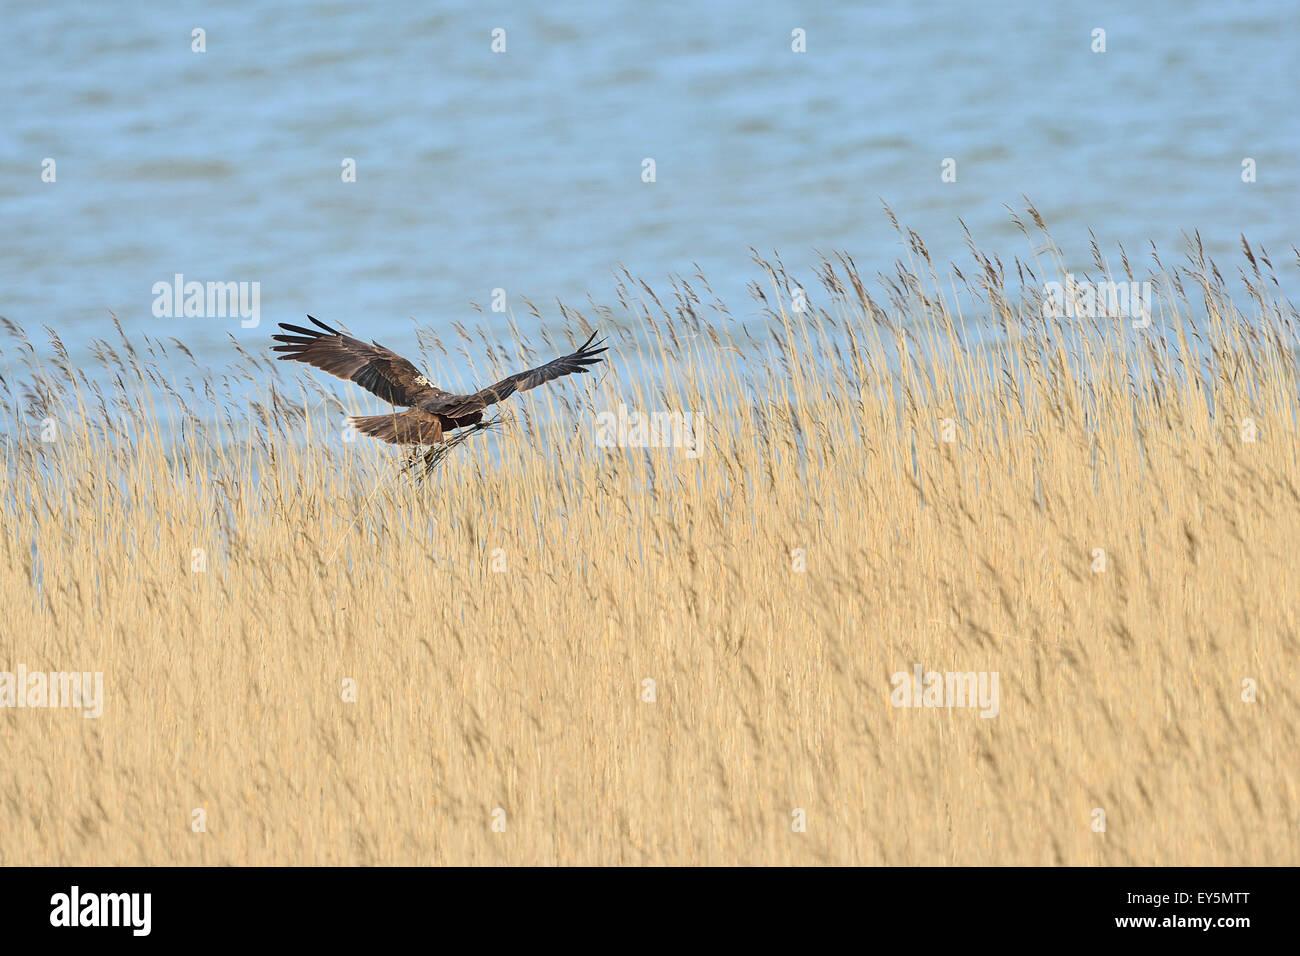 Marsh Harrier in flight over reedbed - Texel Netherlands Stock Photo